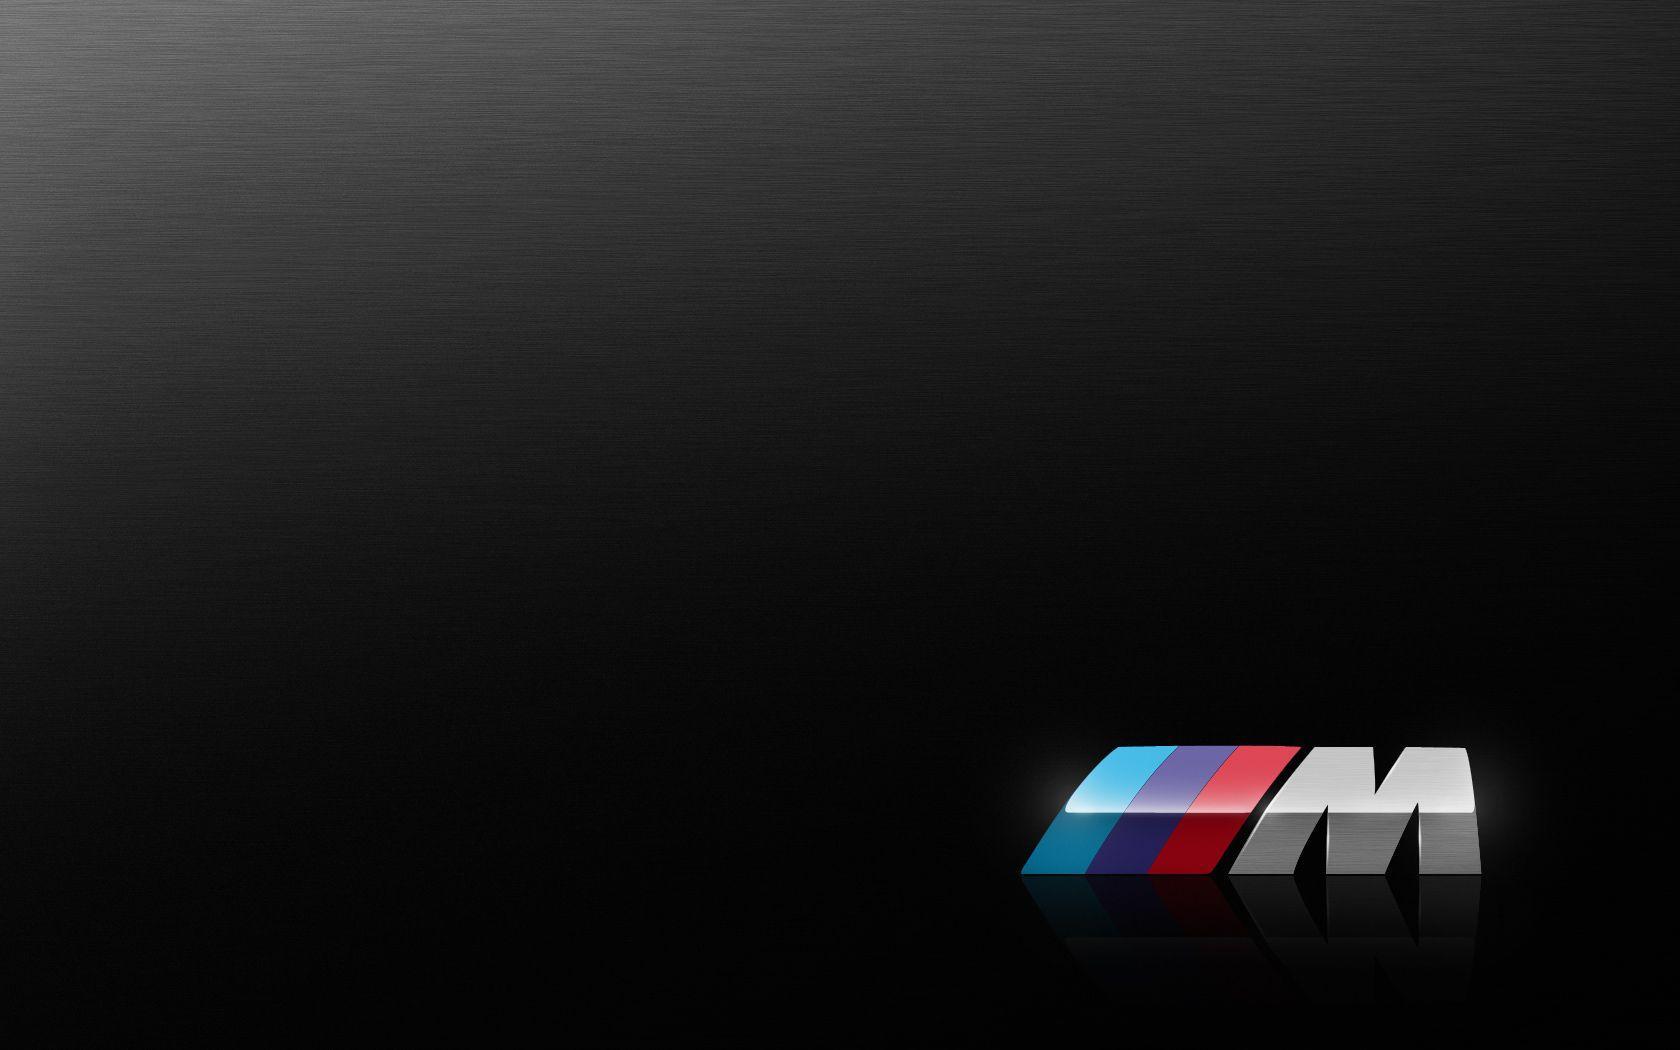 Bmw Motorsport Wallpapers Top Free Bmw Motorsport